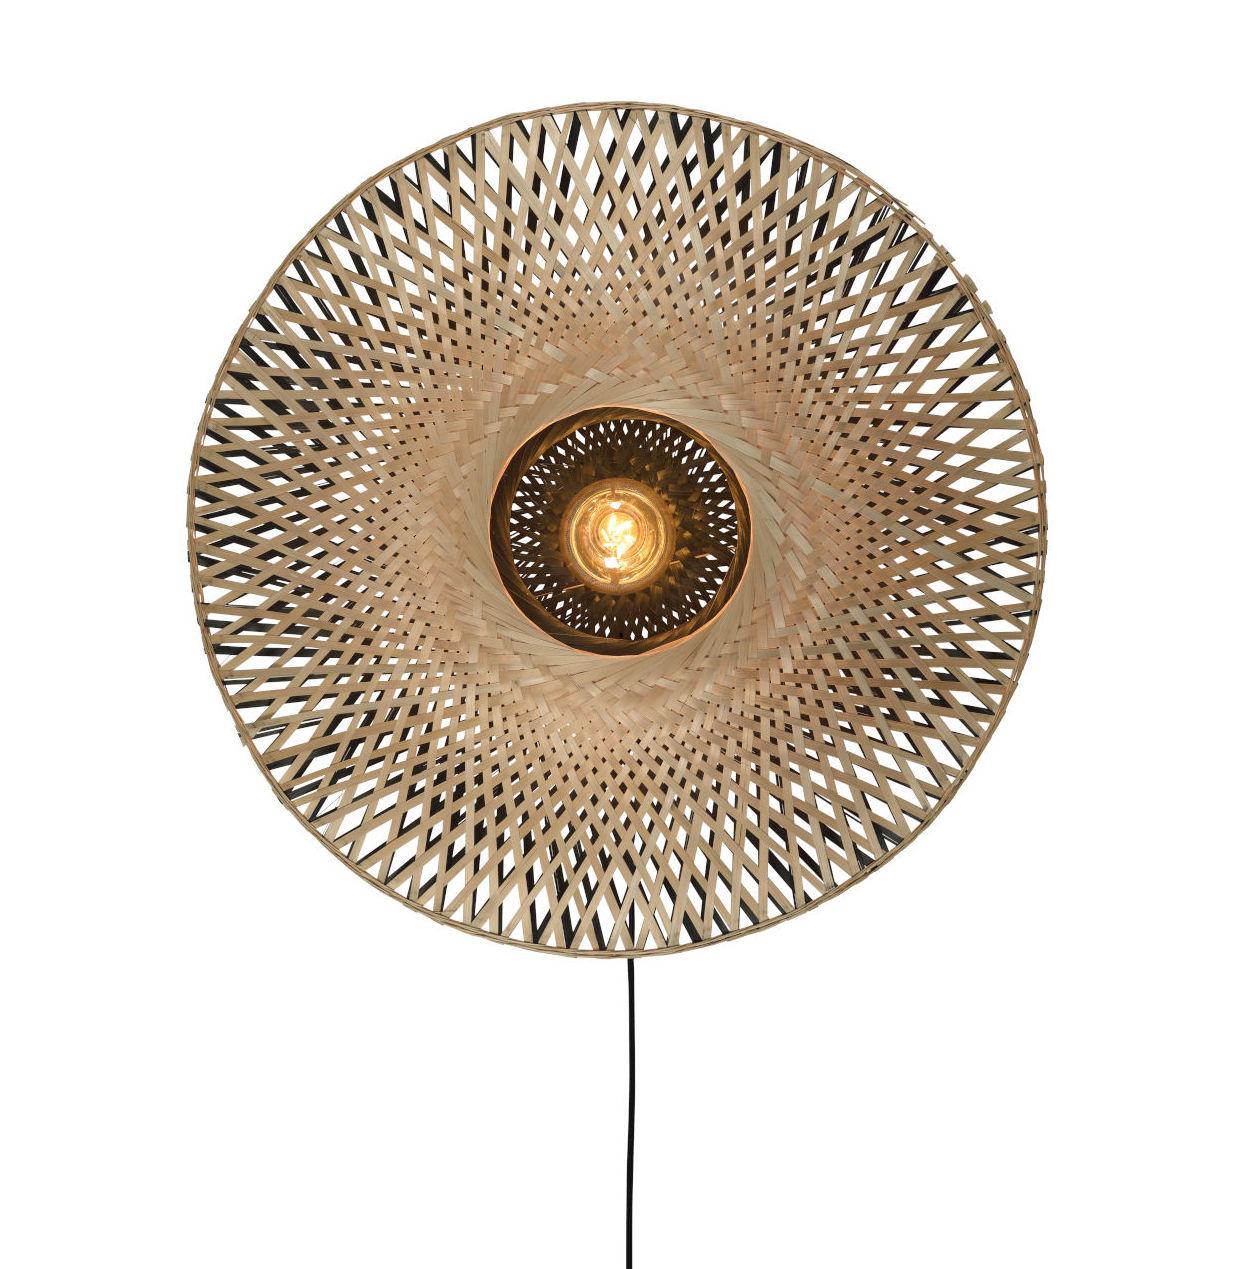 Luminaire - Appliques - Applique avec prise Kalimantan / Bambou - Ø 60 cm - GOOD&MOJO - Ø 60 cm / Noir & naturel - Bambou